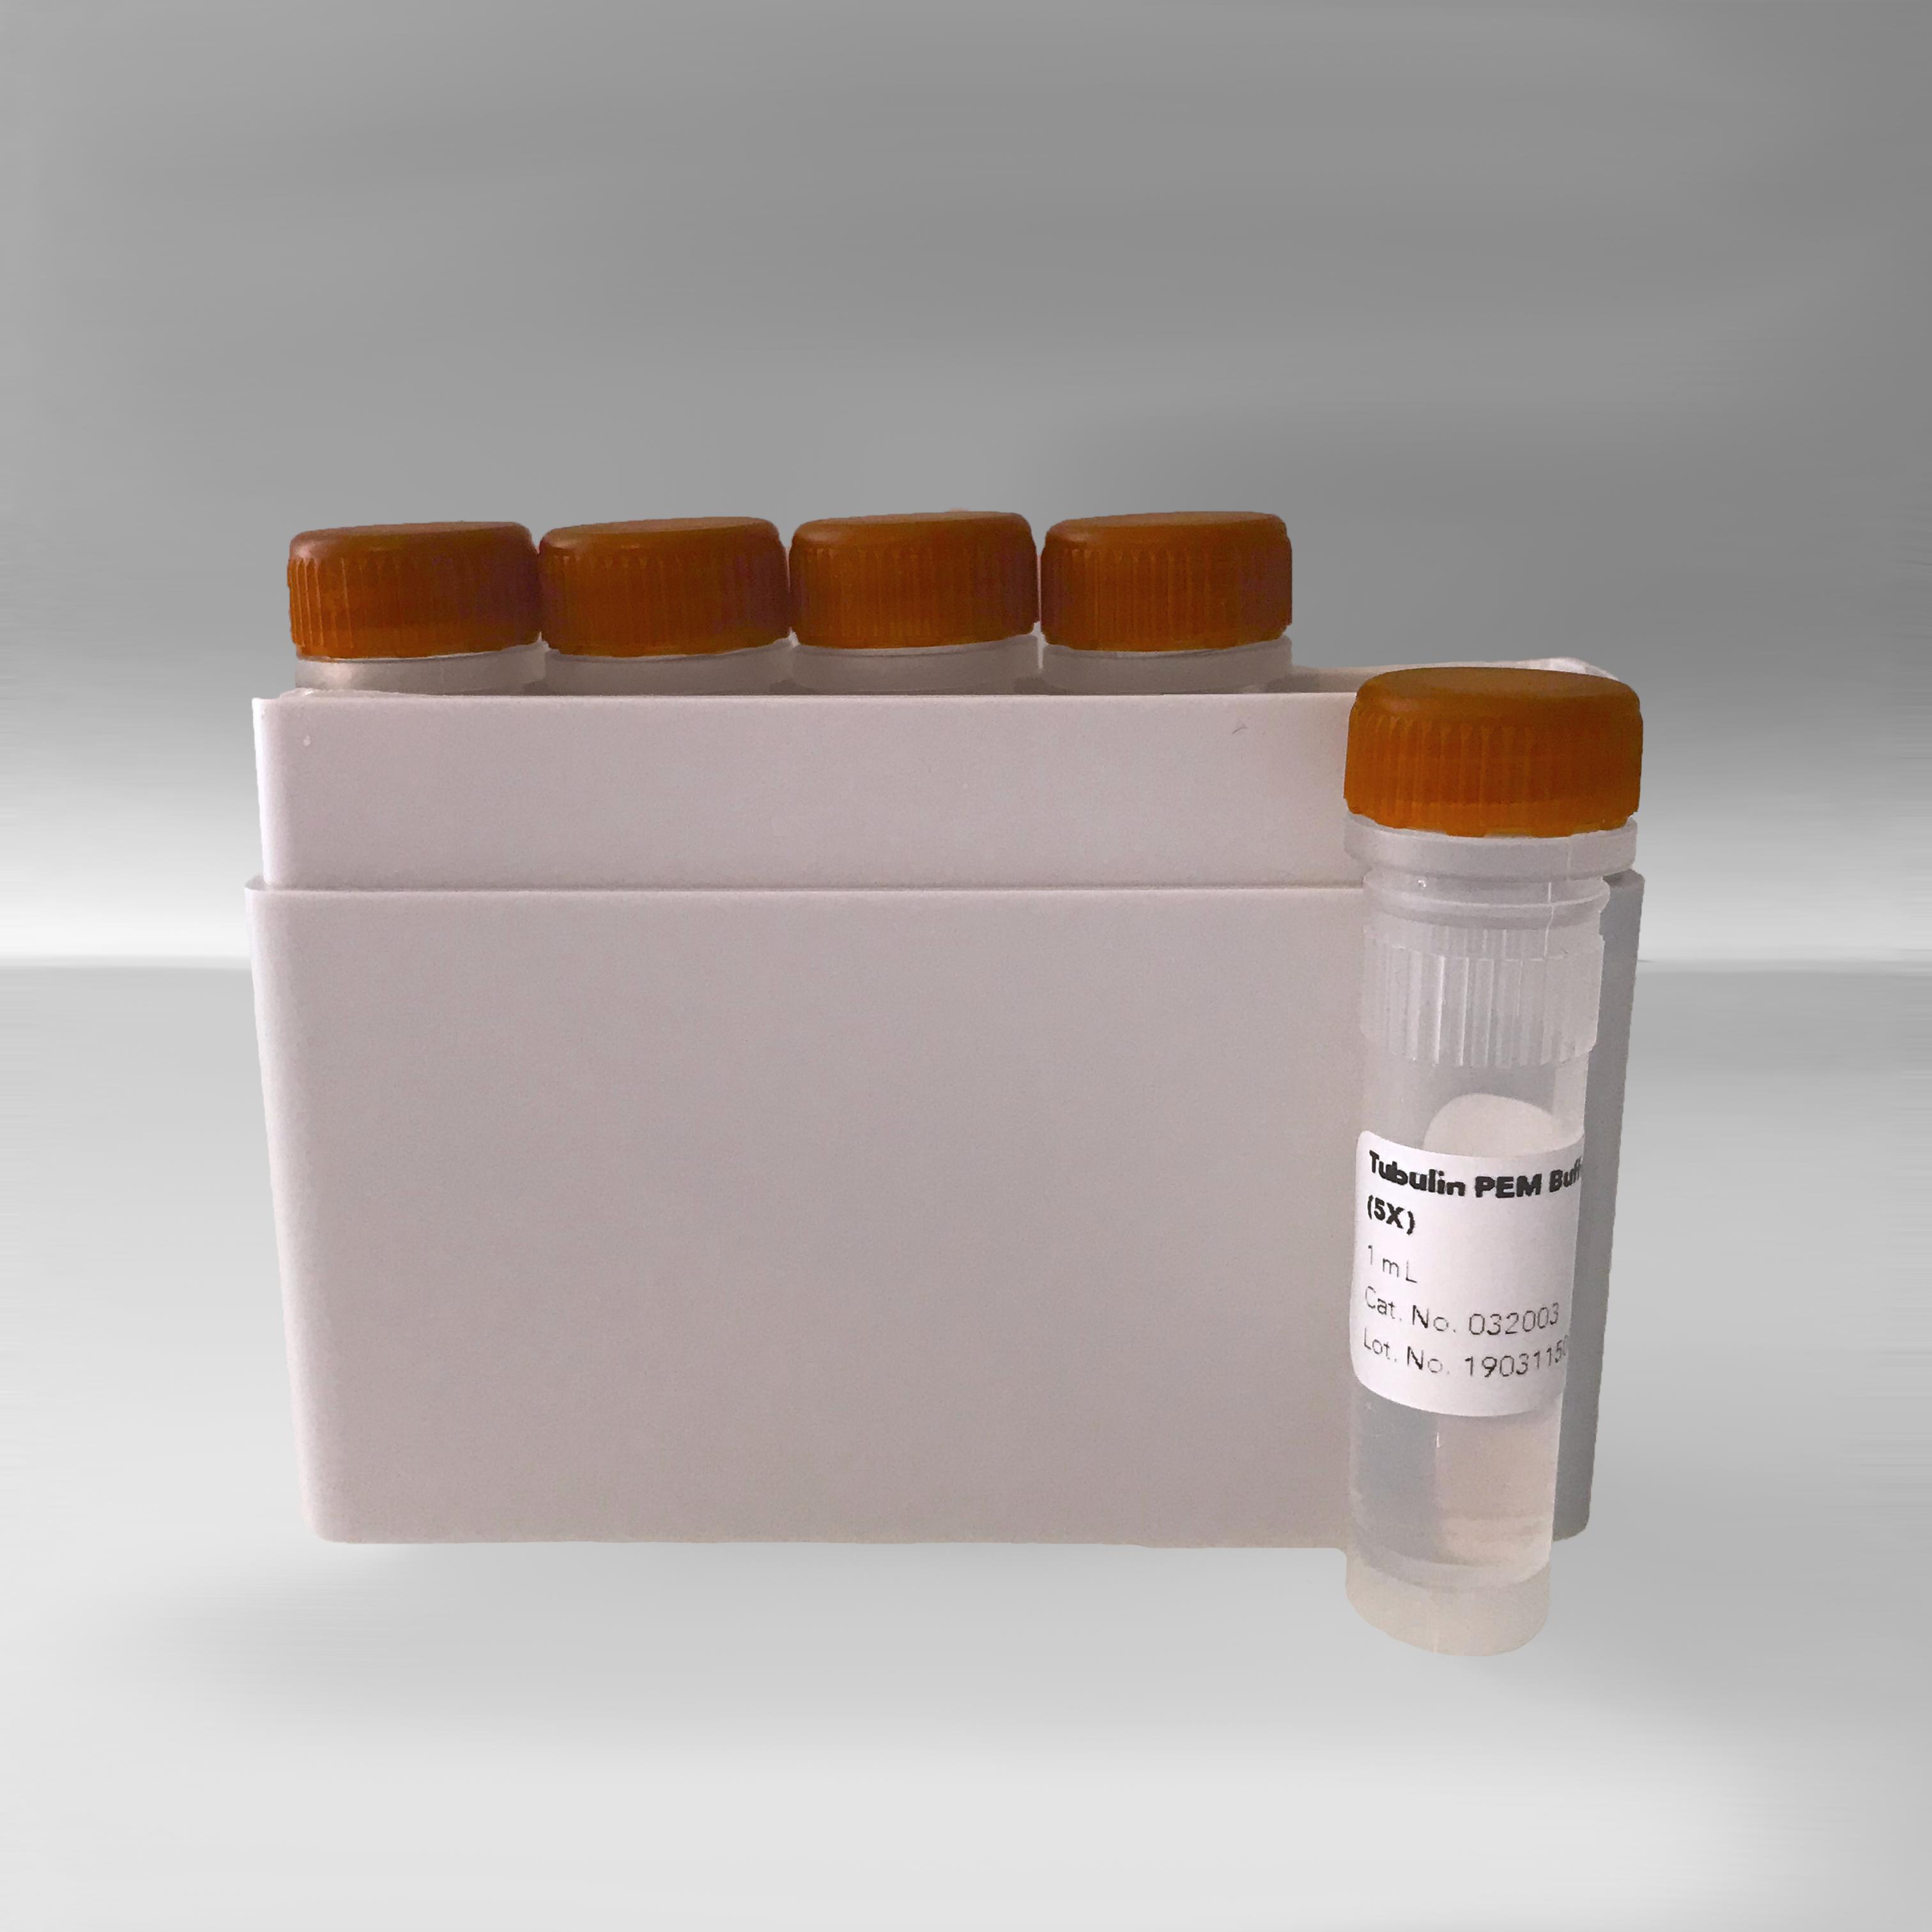 Tubulin PEM Buffer